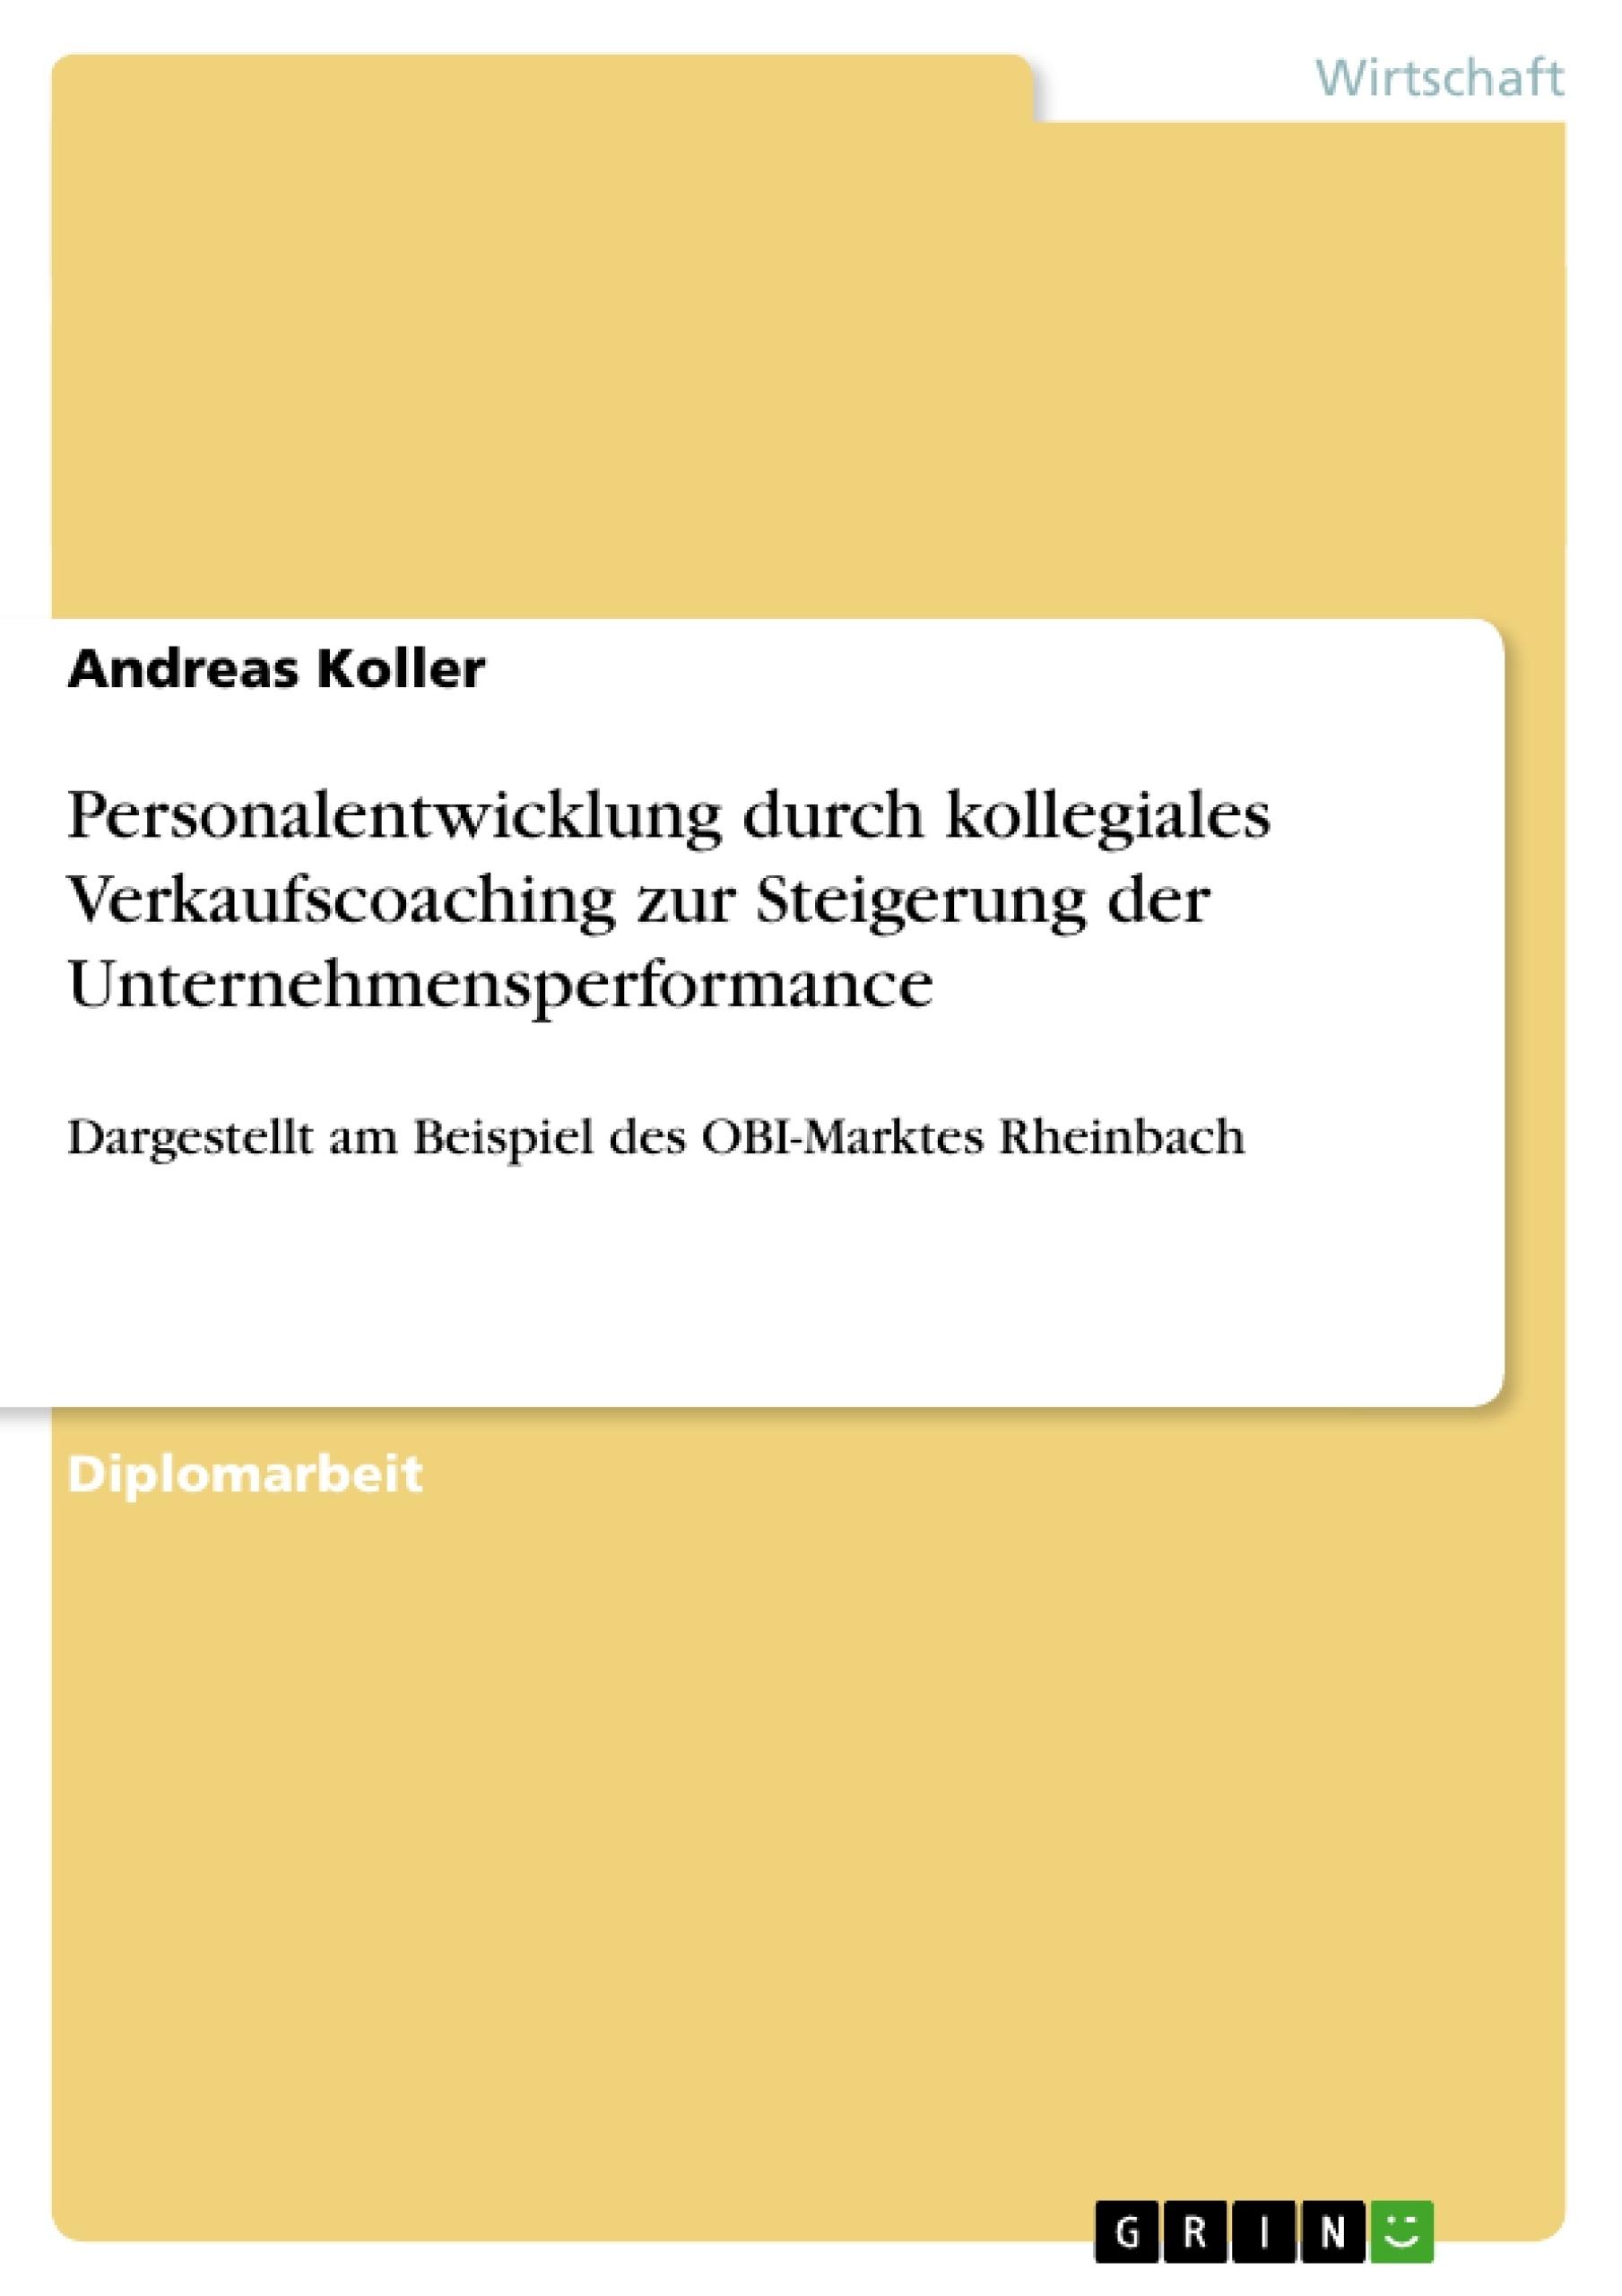 Titel: Personalentwicklung durch kollegiales Verkaufscoaching zur Steigerung der Unternehmensperformance